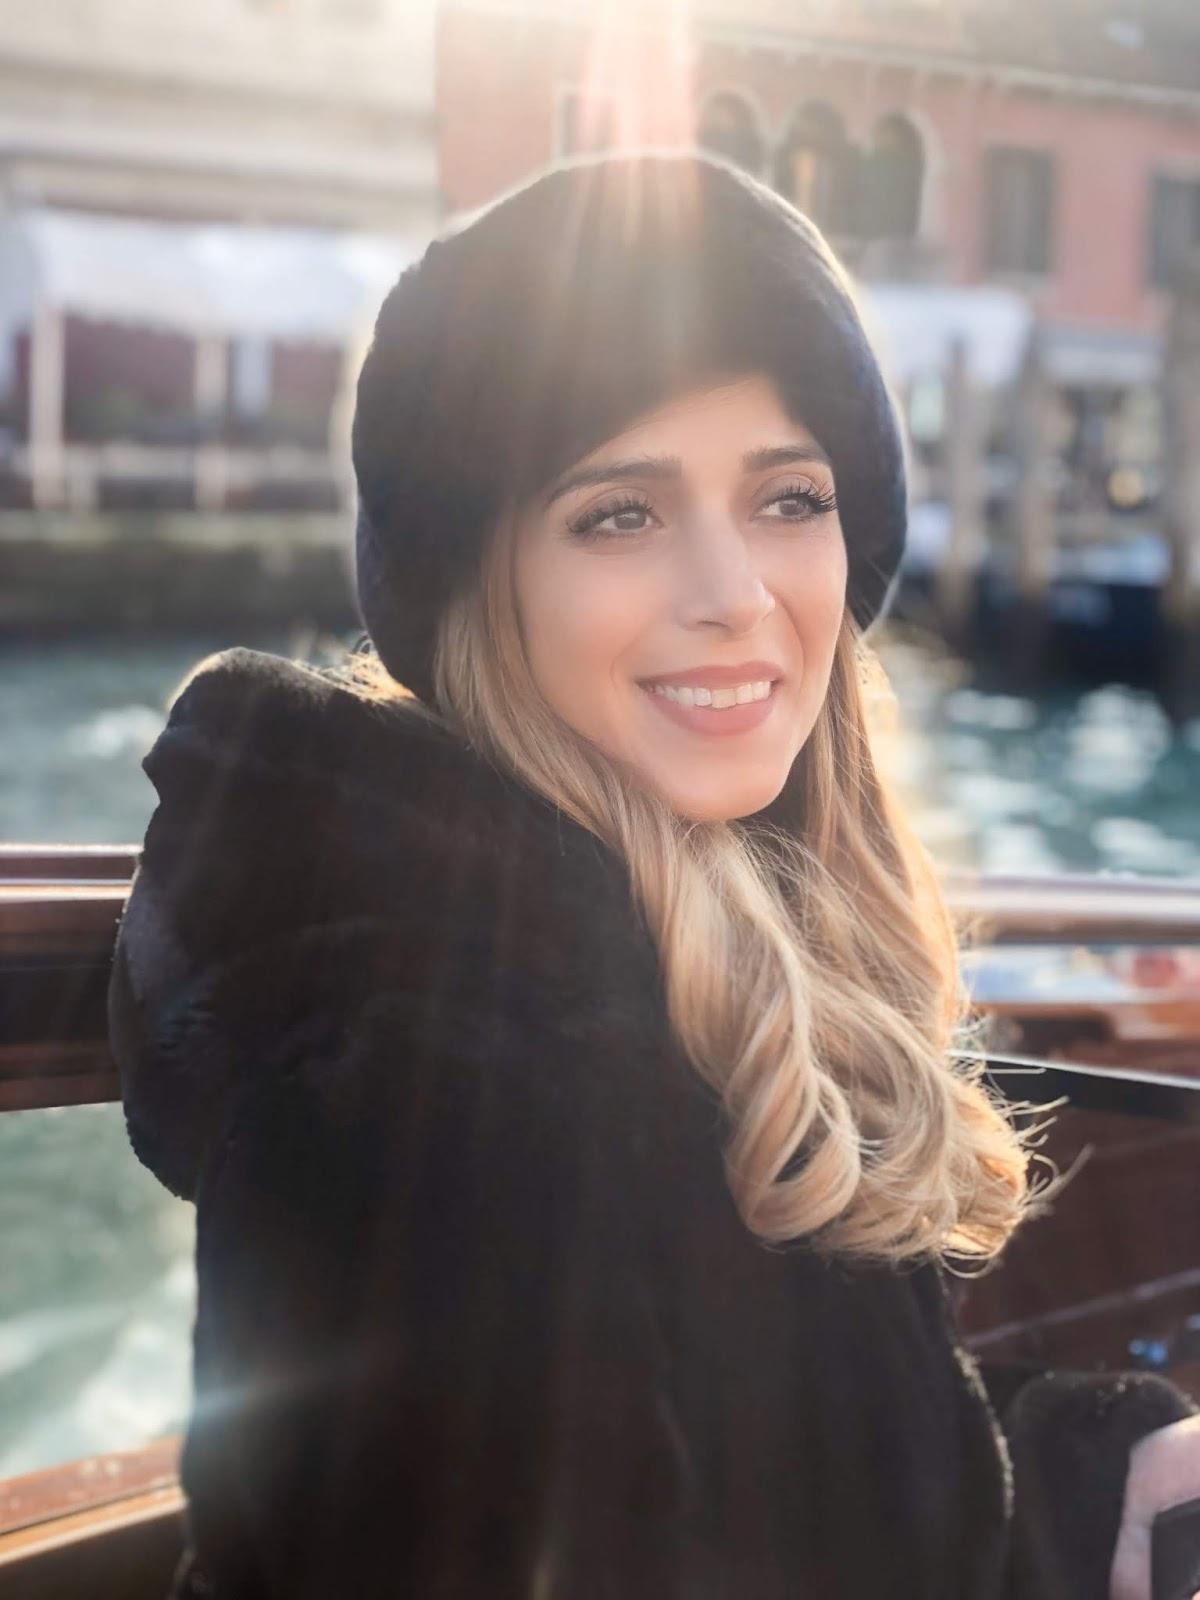 Venezia vista dall'acqua: un'esperienza magica